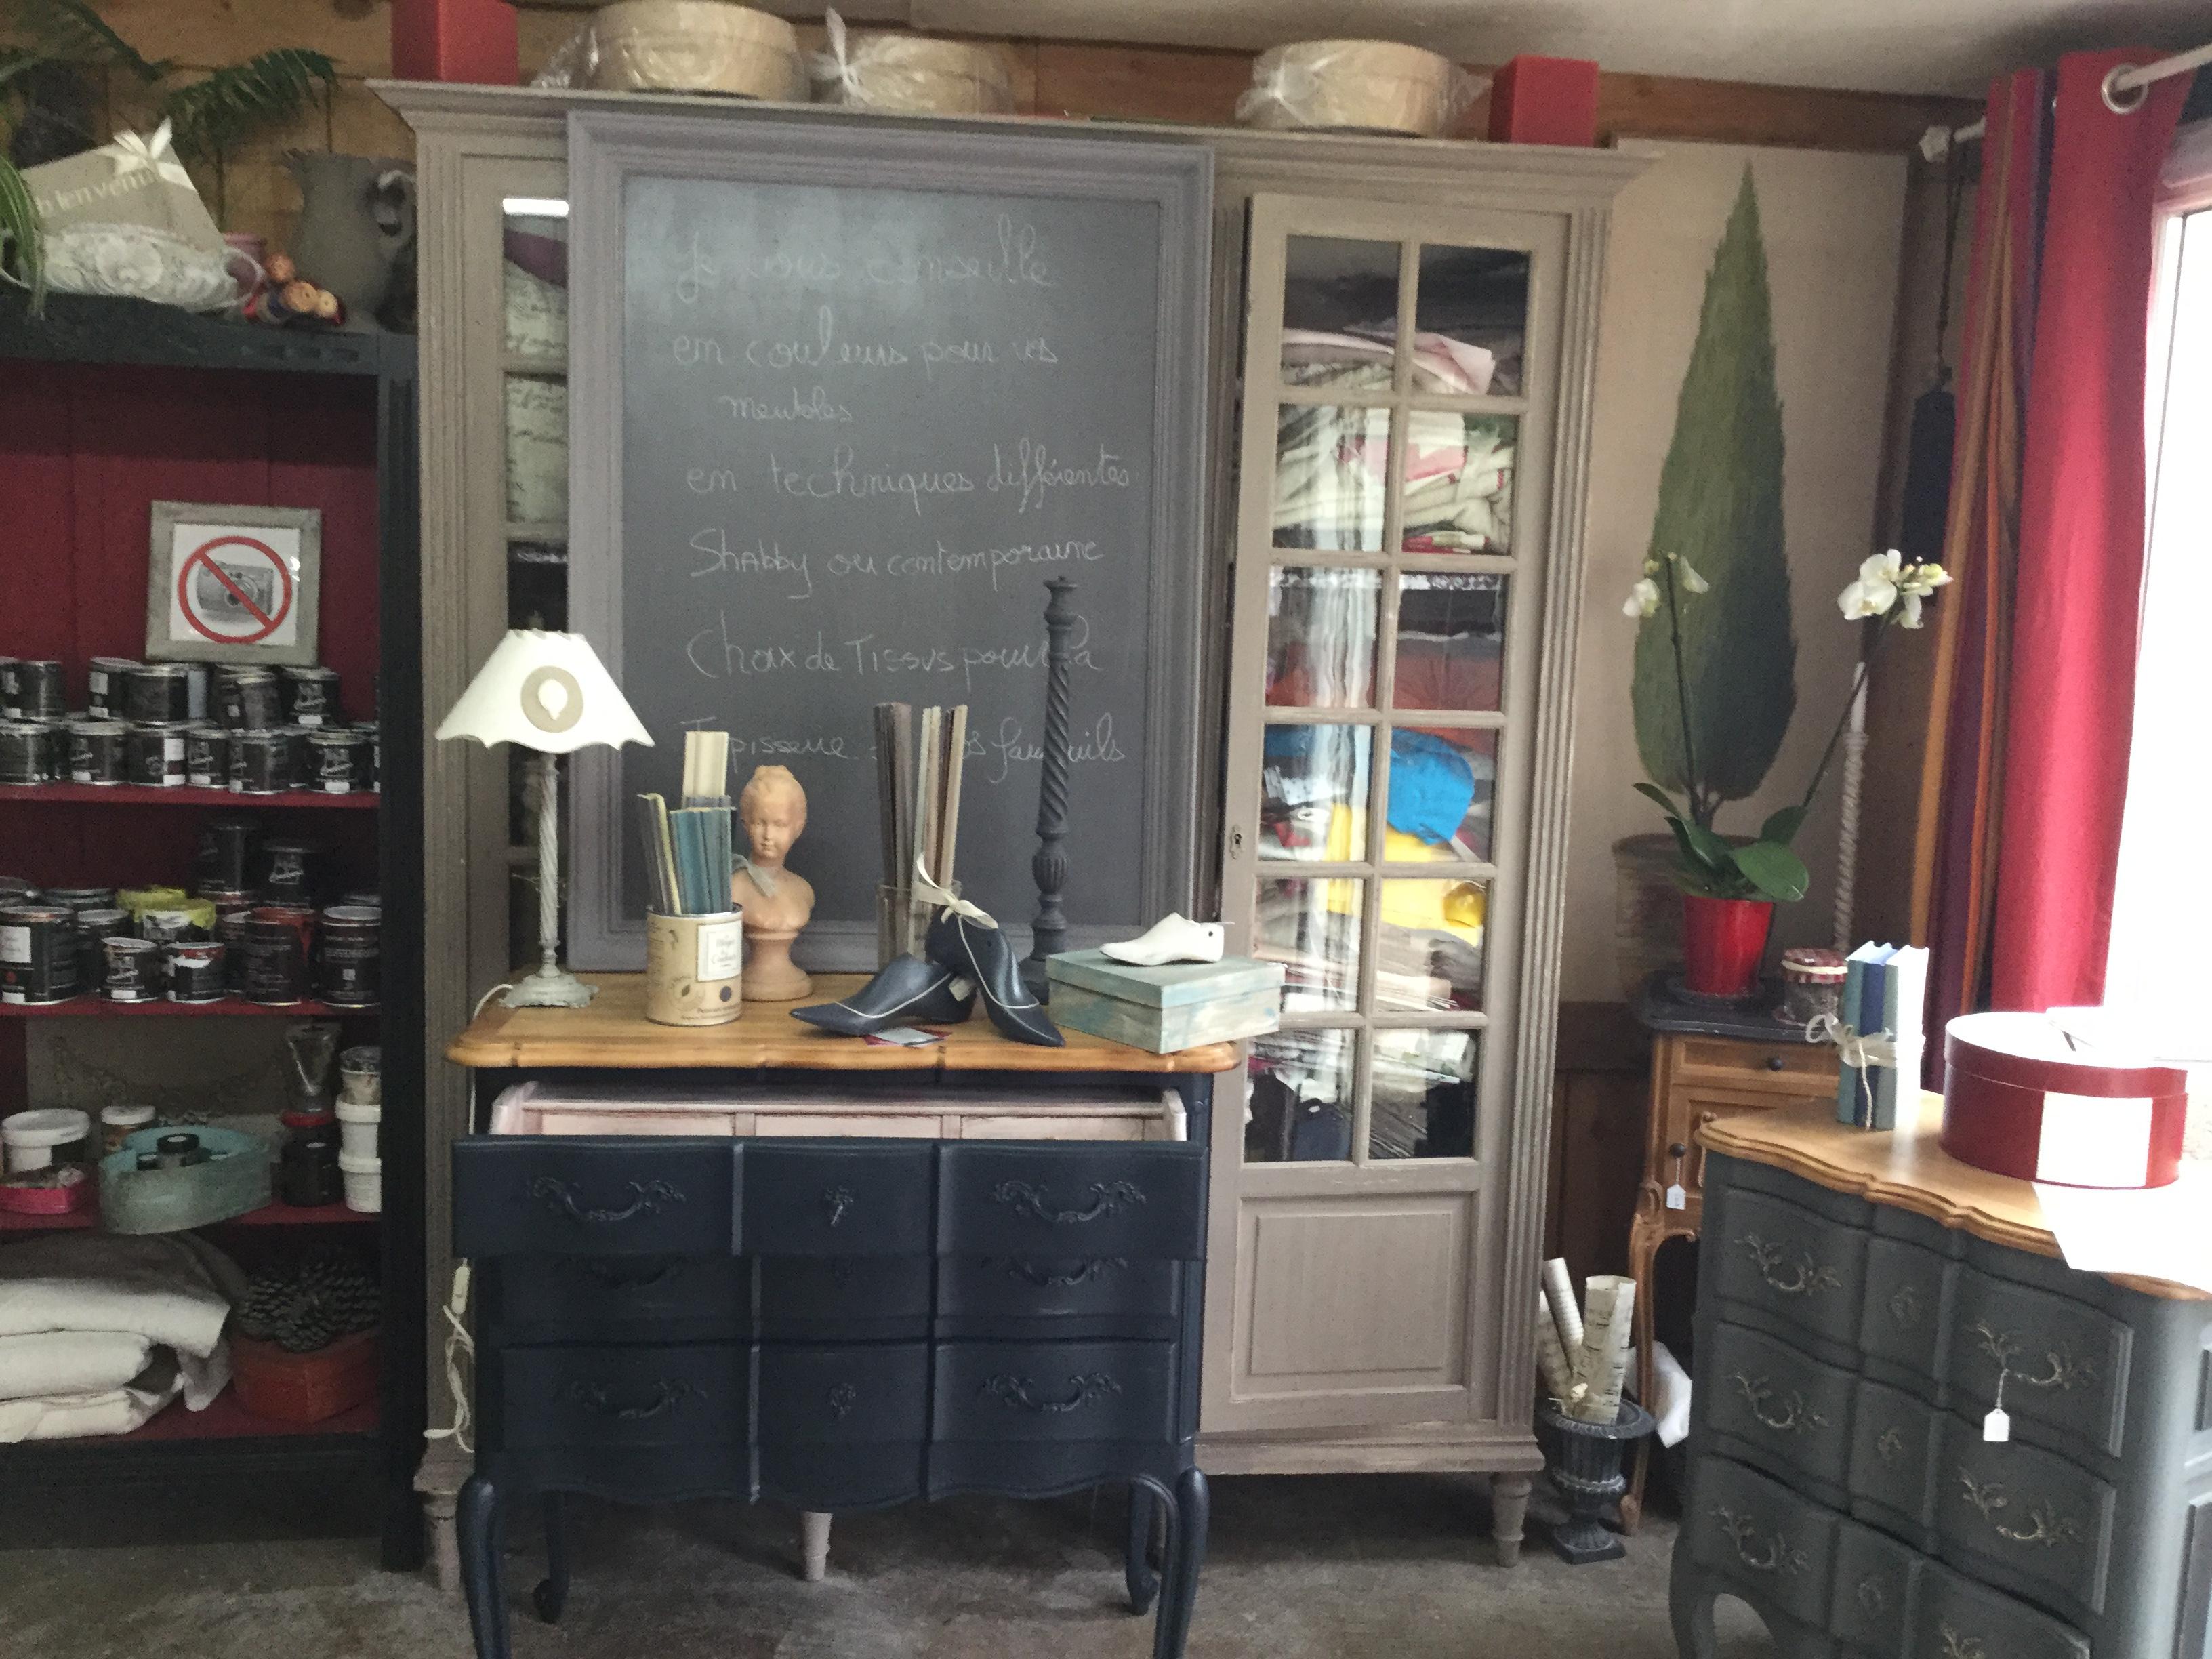 Patines de meubles ou meuble peint ,esprit campagne chic ,Deco chic ...